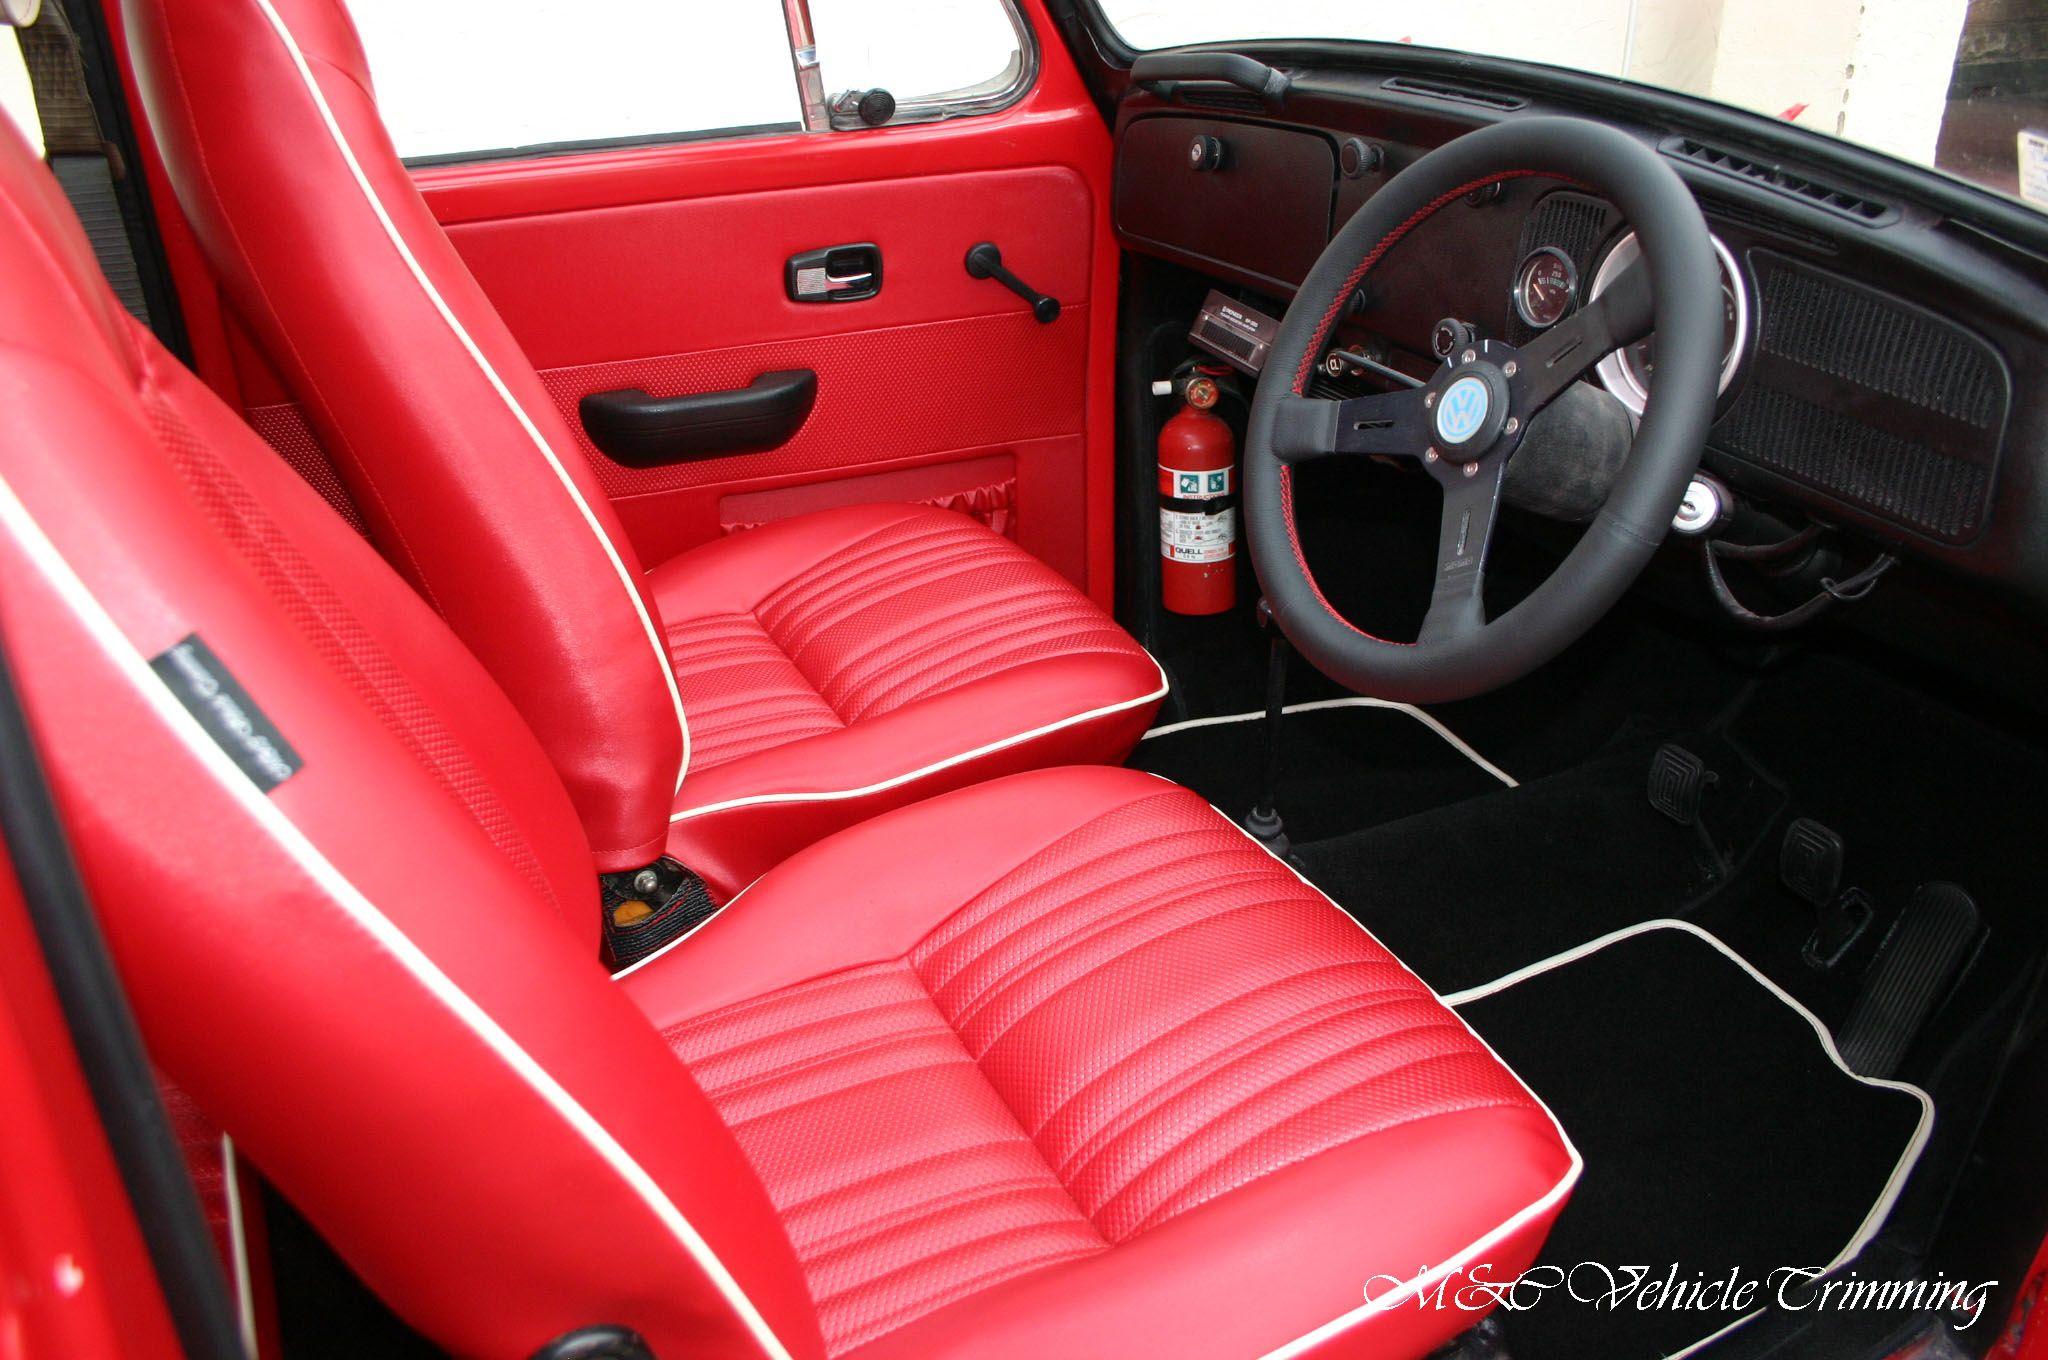 Volkswagen Super Beetle 1971 Red Vinyl Custom Interior Mcvehicletrimming Autoupholstery Volkswagen Bus Interior Car Interior Upholstery Custom Car Interior